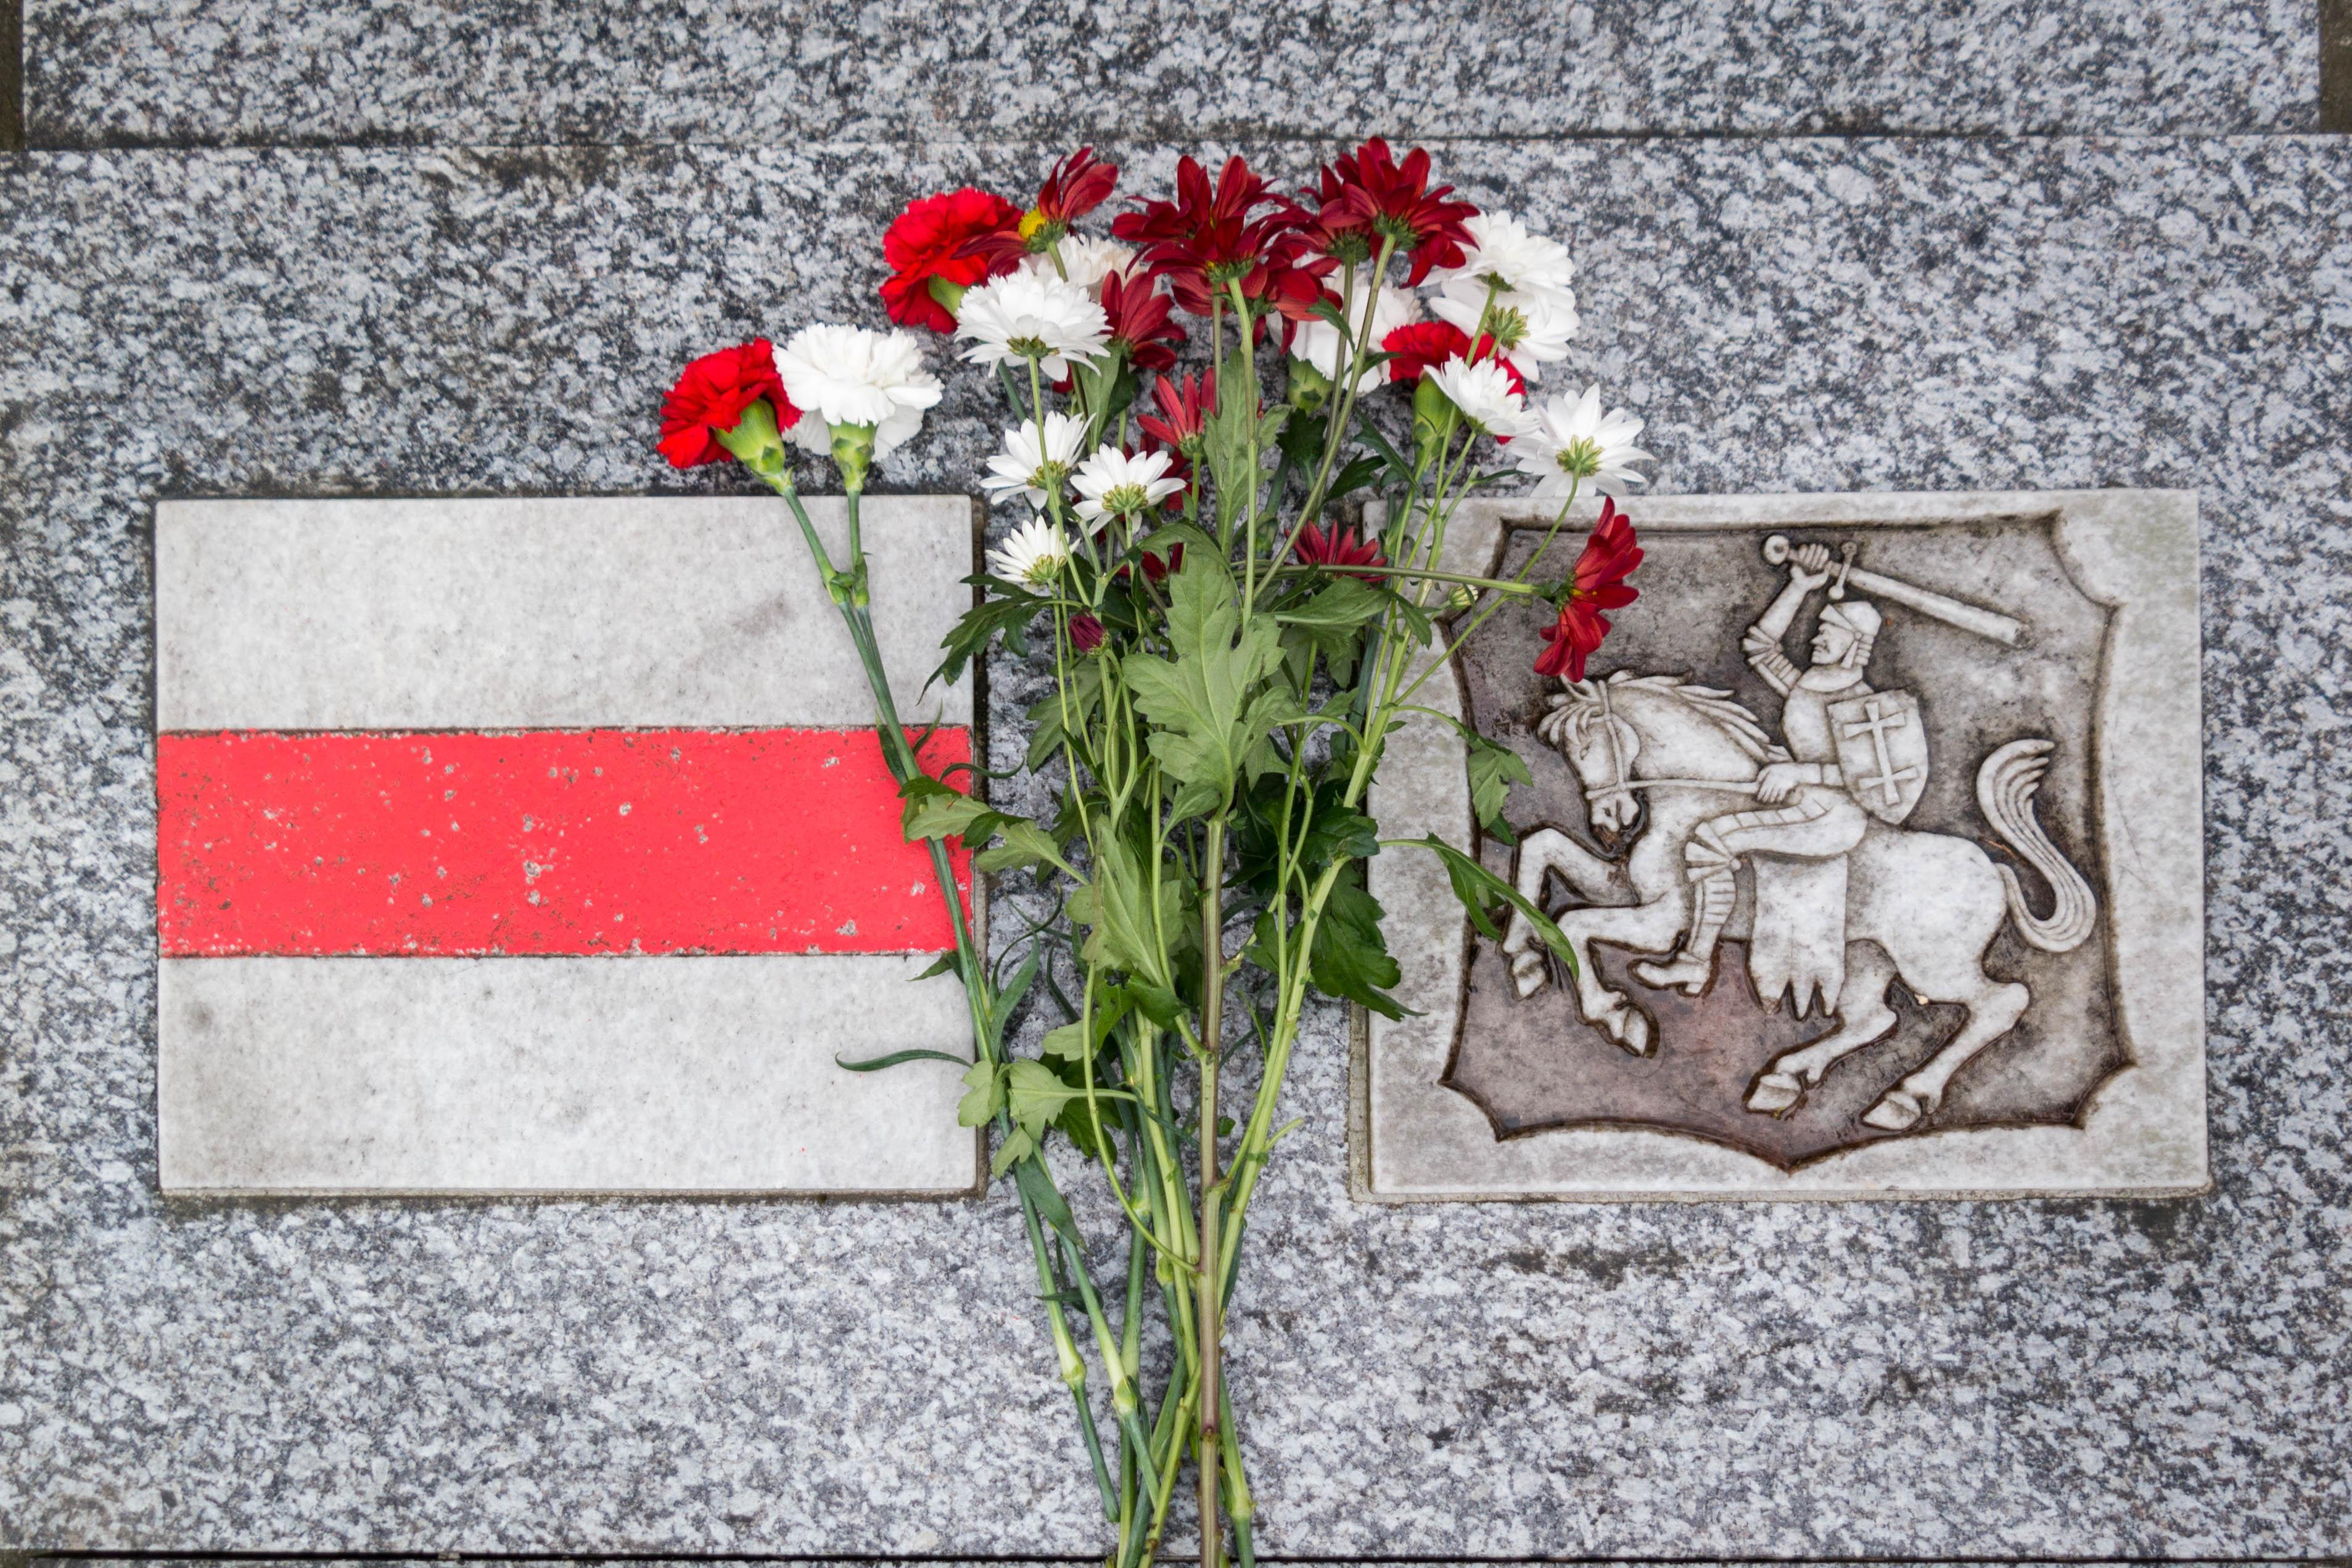 Ці былі «Пагоня» і бел-чырвона-белы сьцяг дзяржаўнымі сымбалямі БССР?